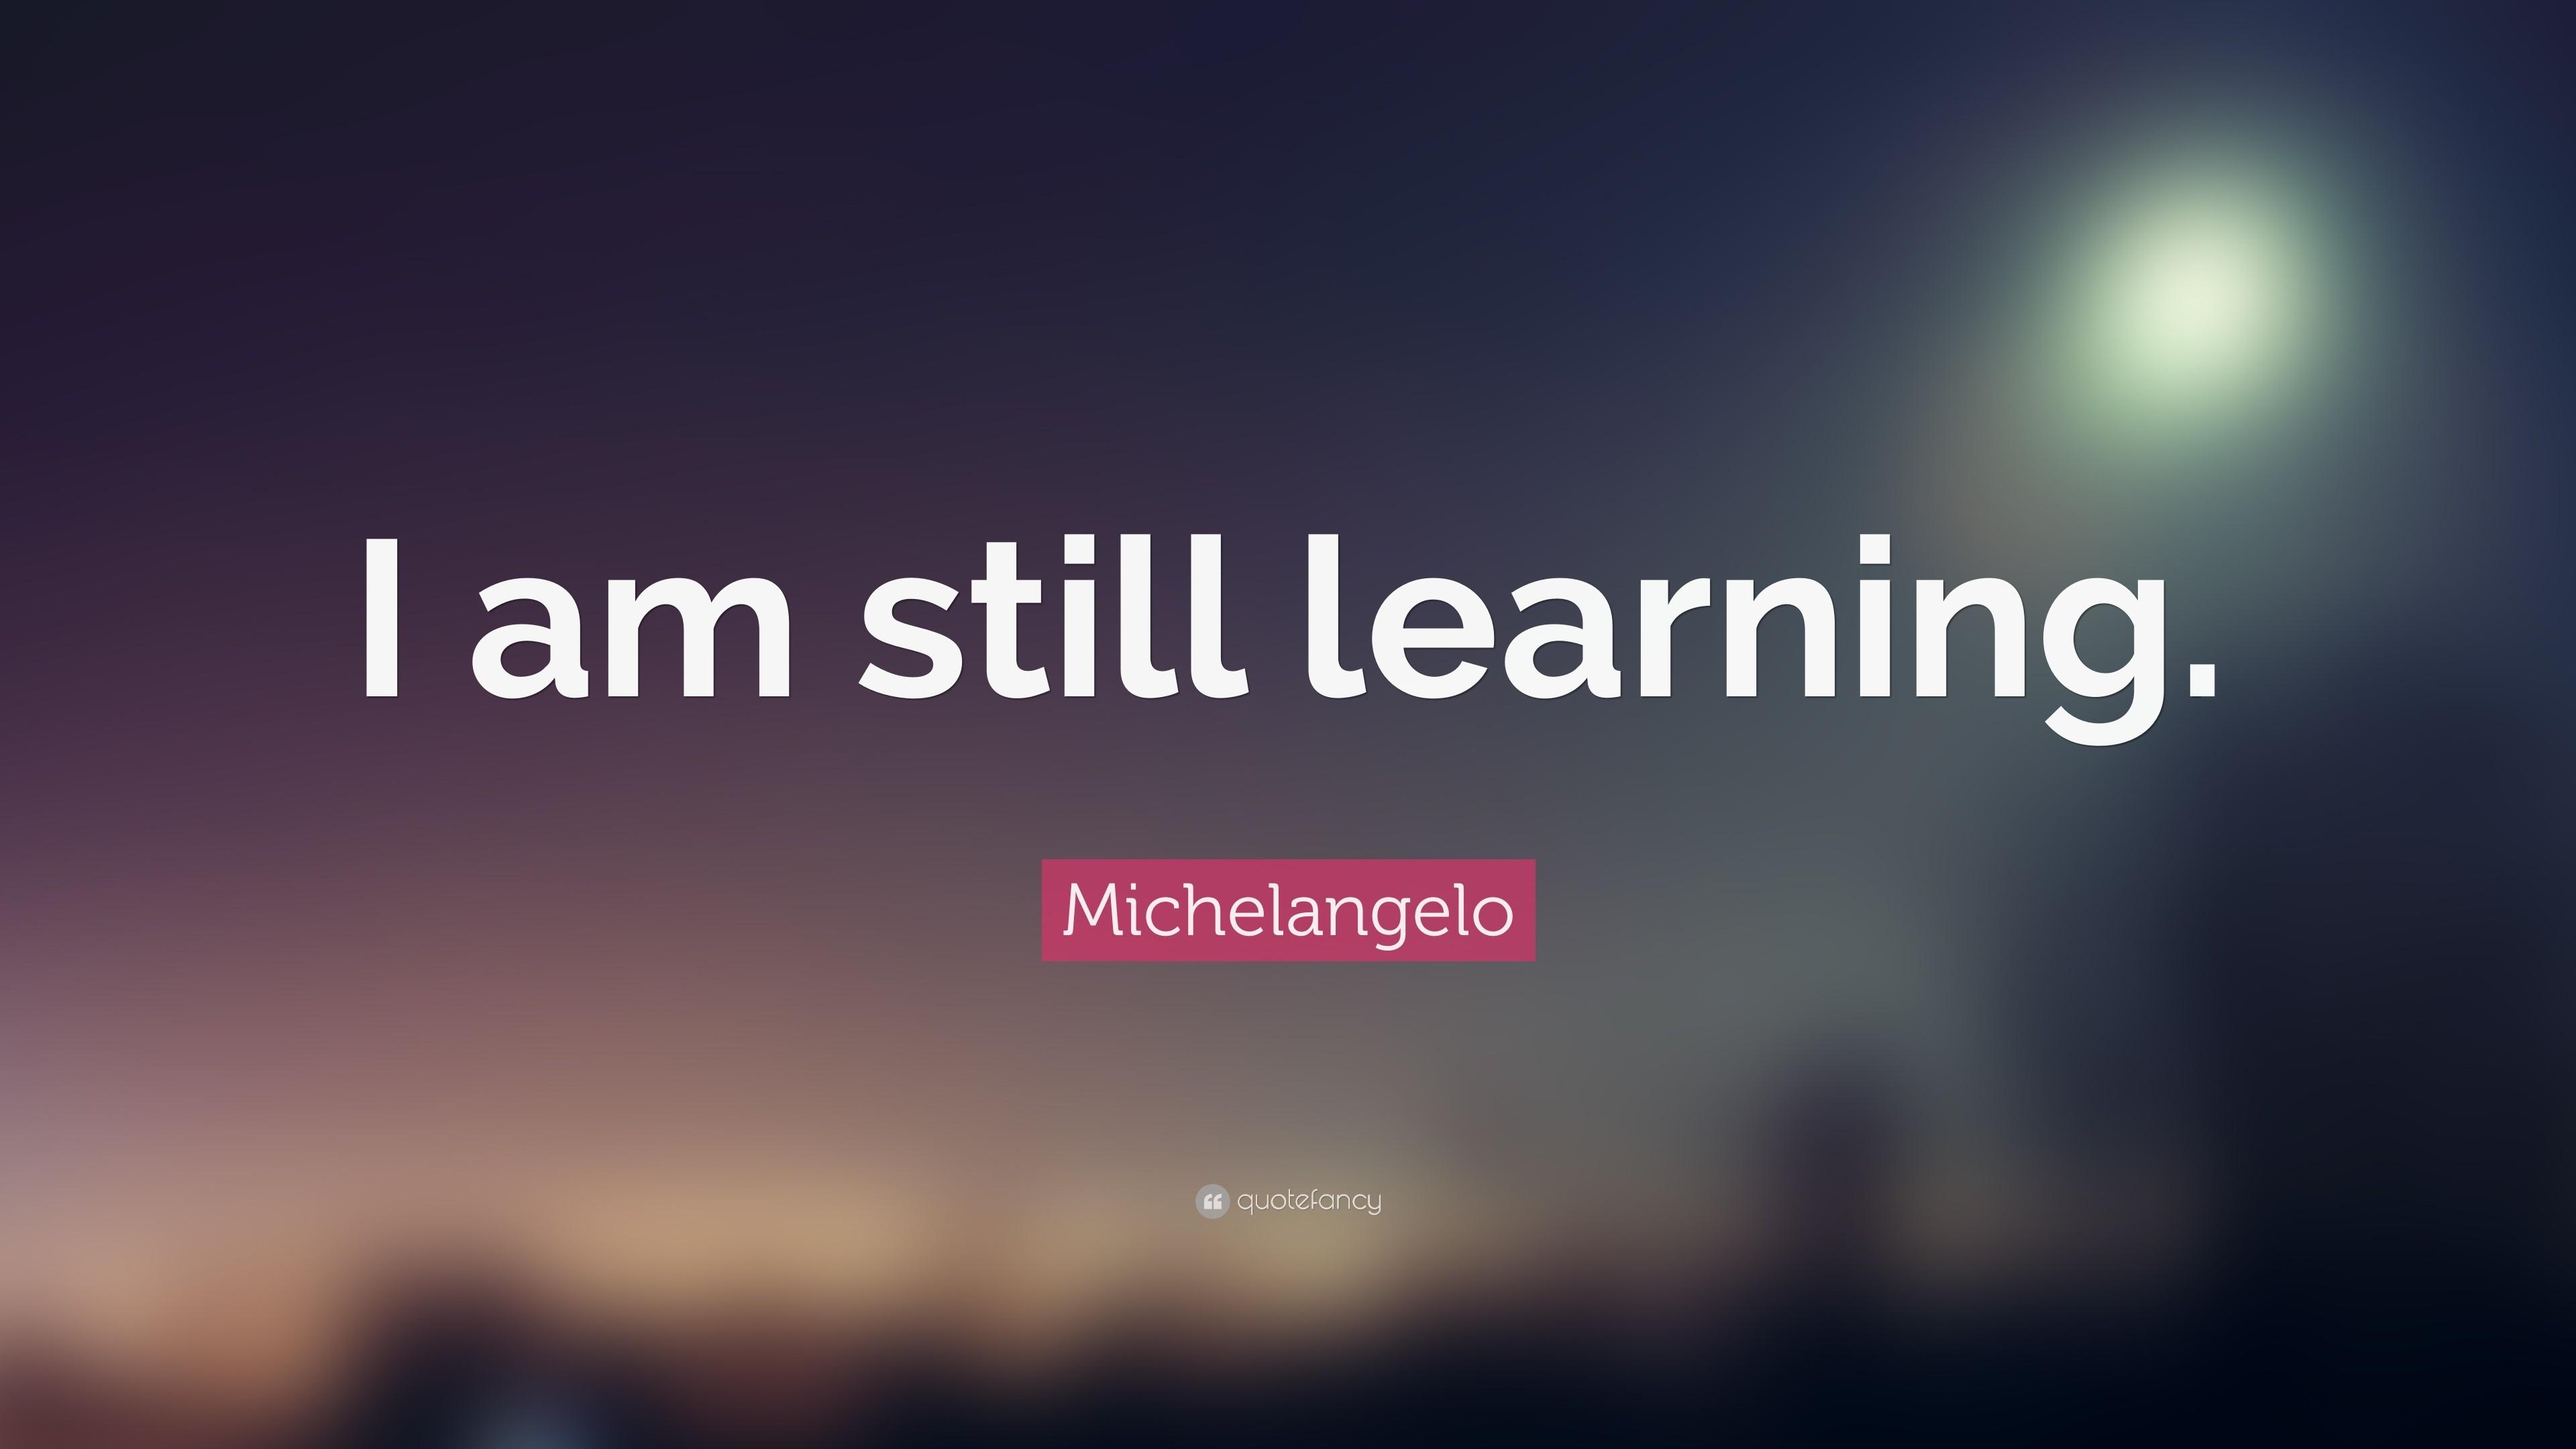 Learnmotto